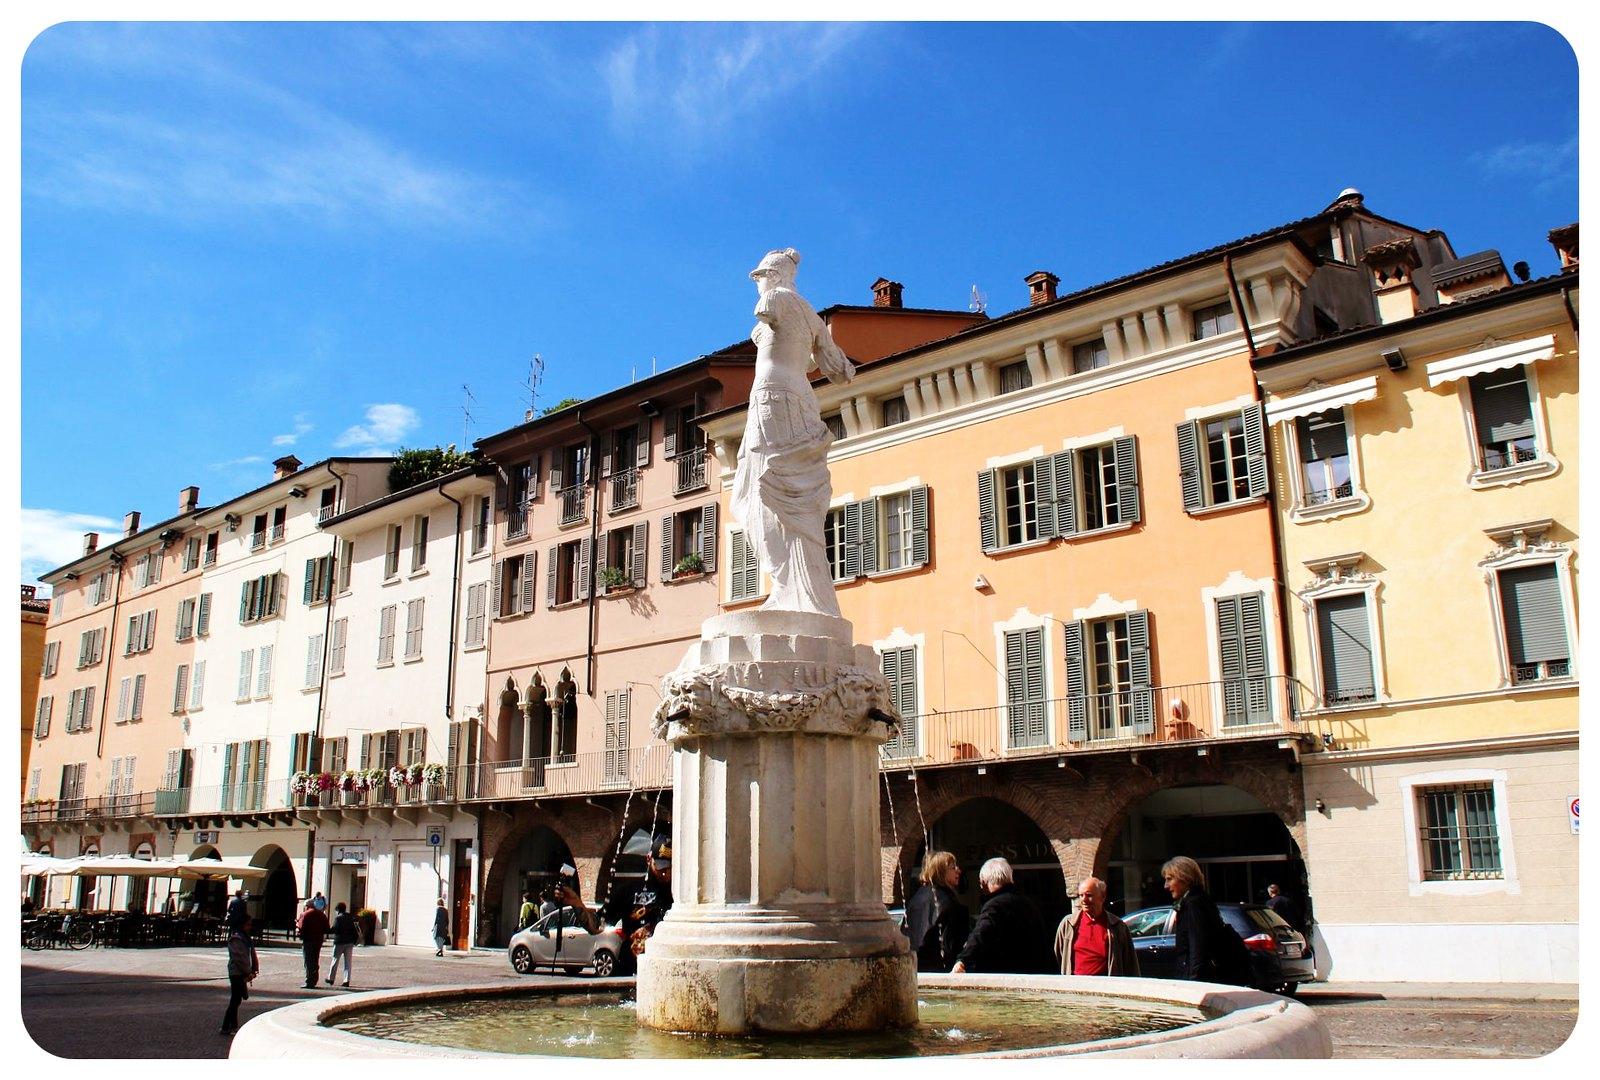 brescia town square